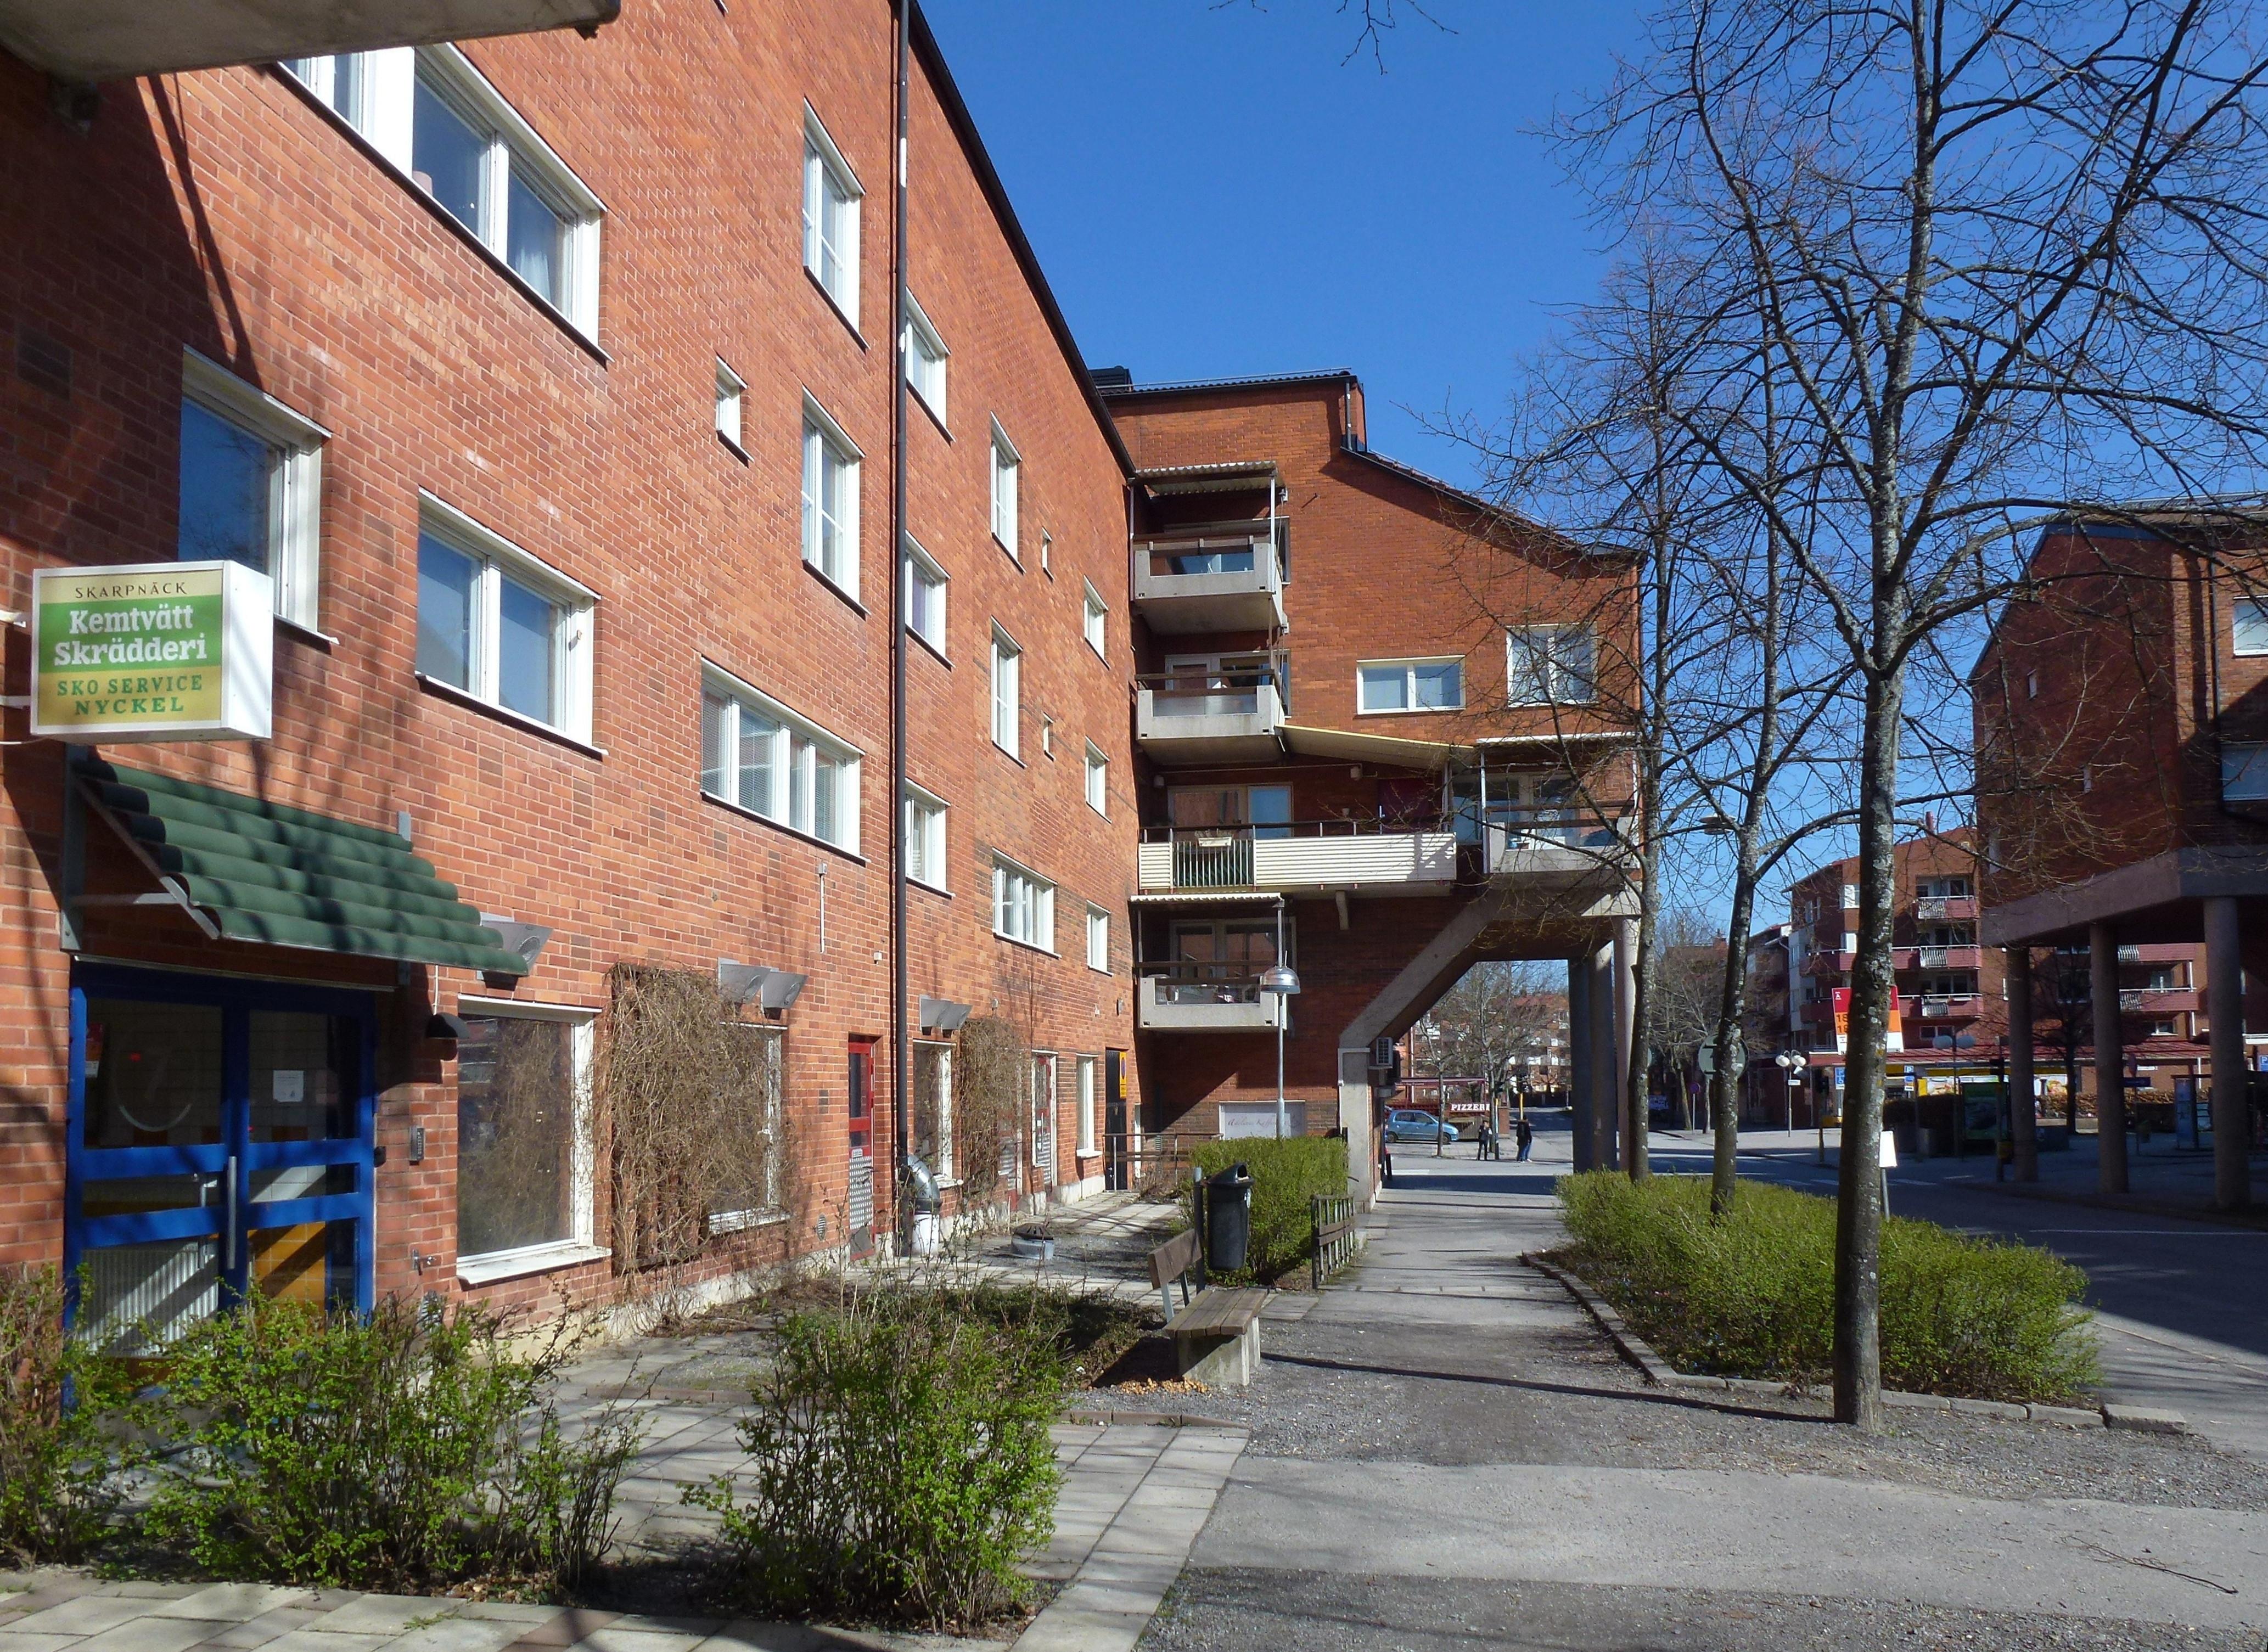 Välkommen till ABF Stockholm. Förverkliga dina drömmar och förändra samhället tillsammans!